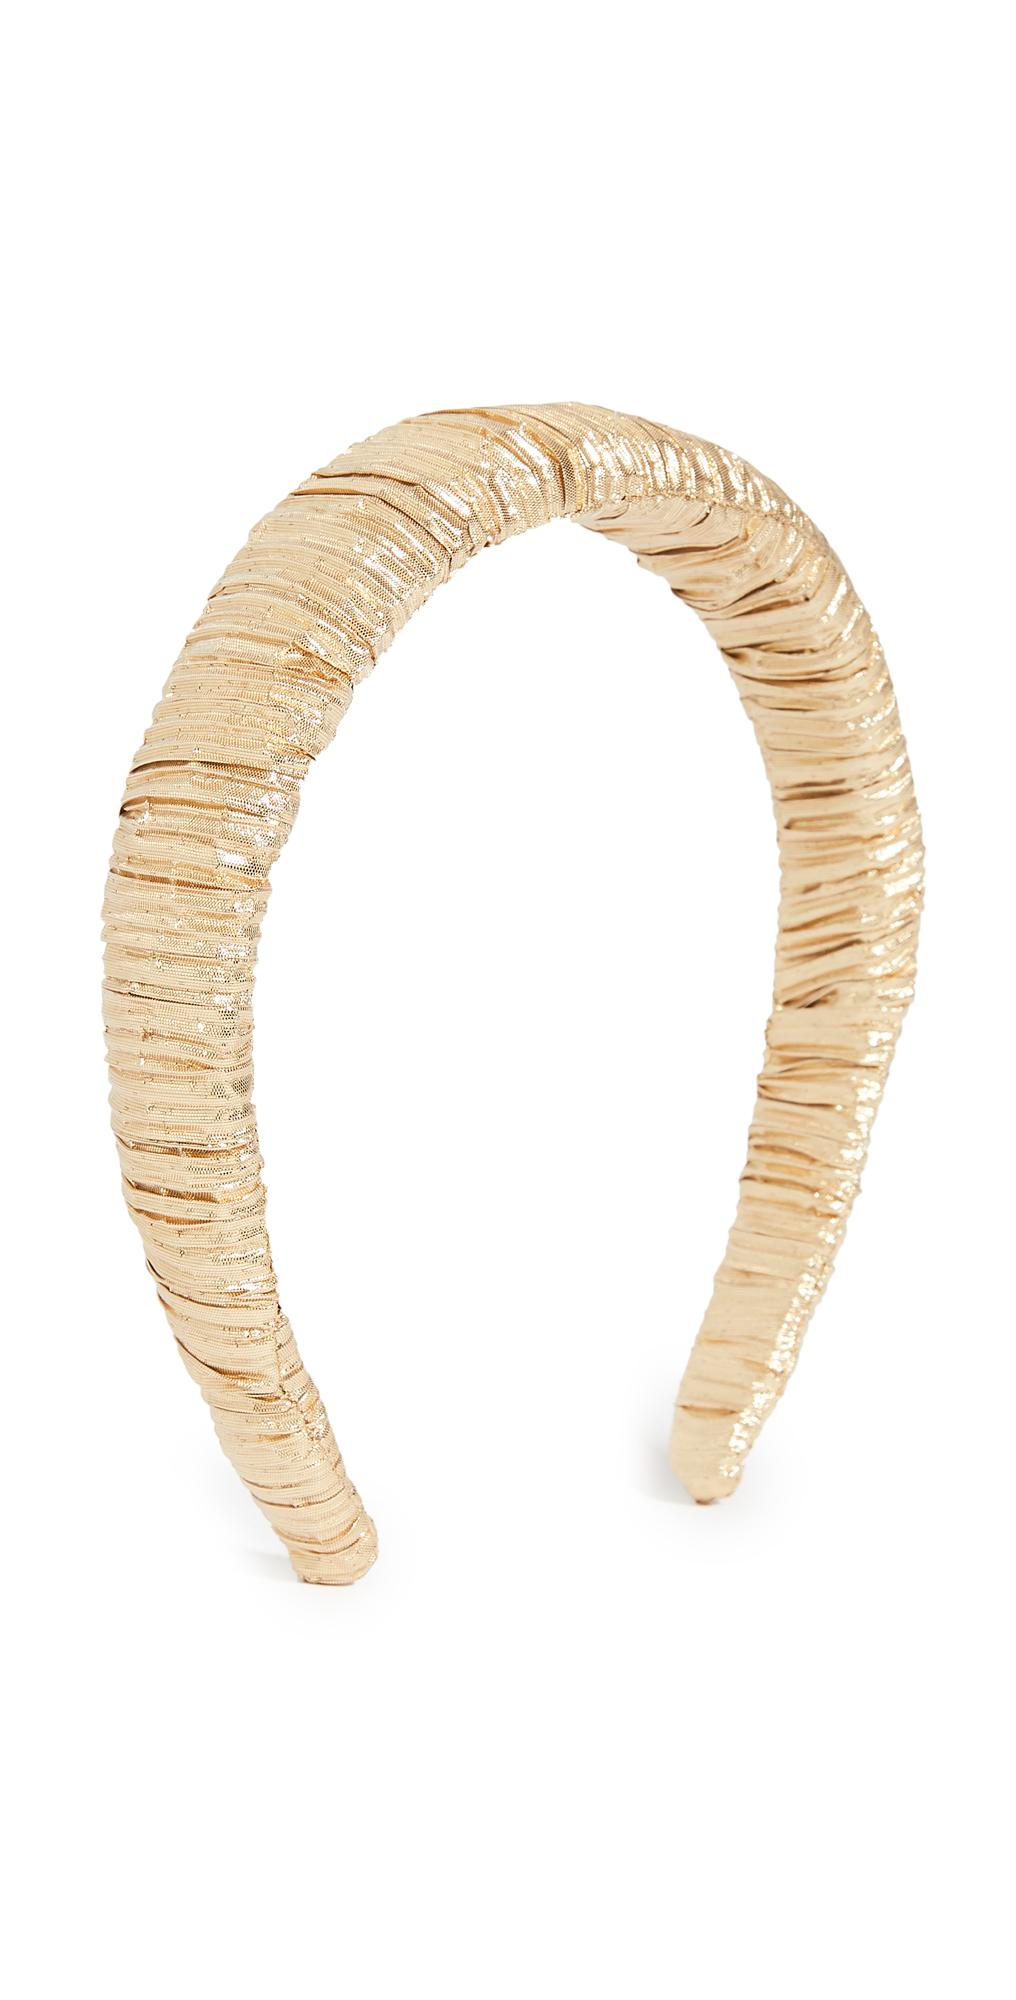 Loeffler Randall Marina Headband